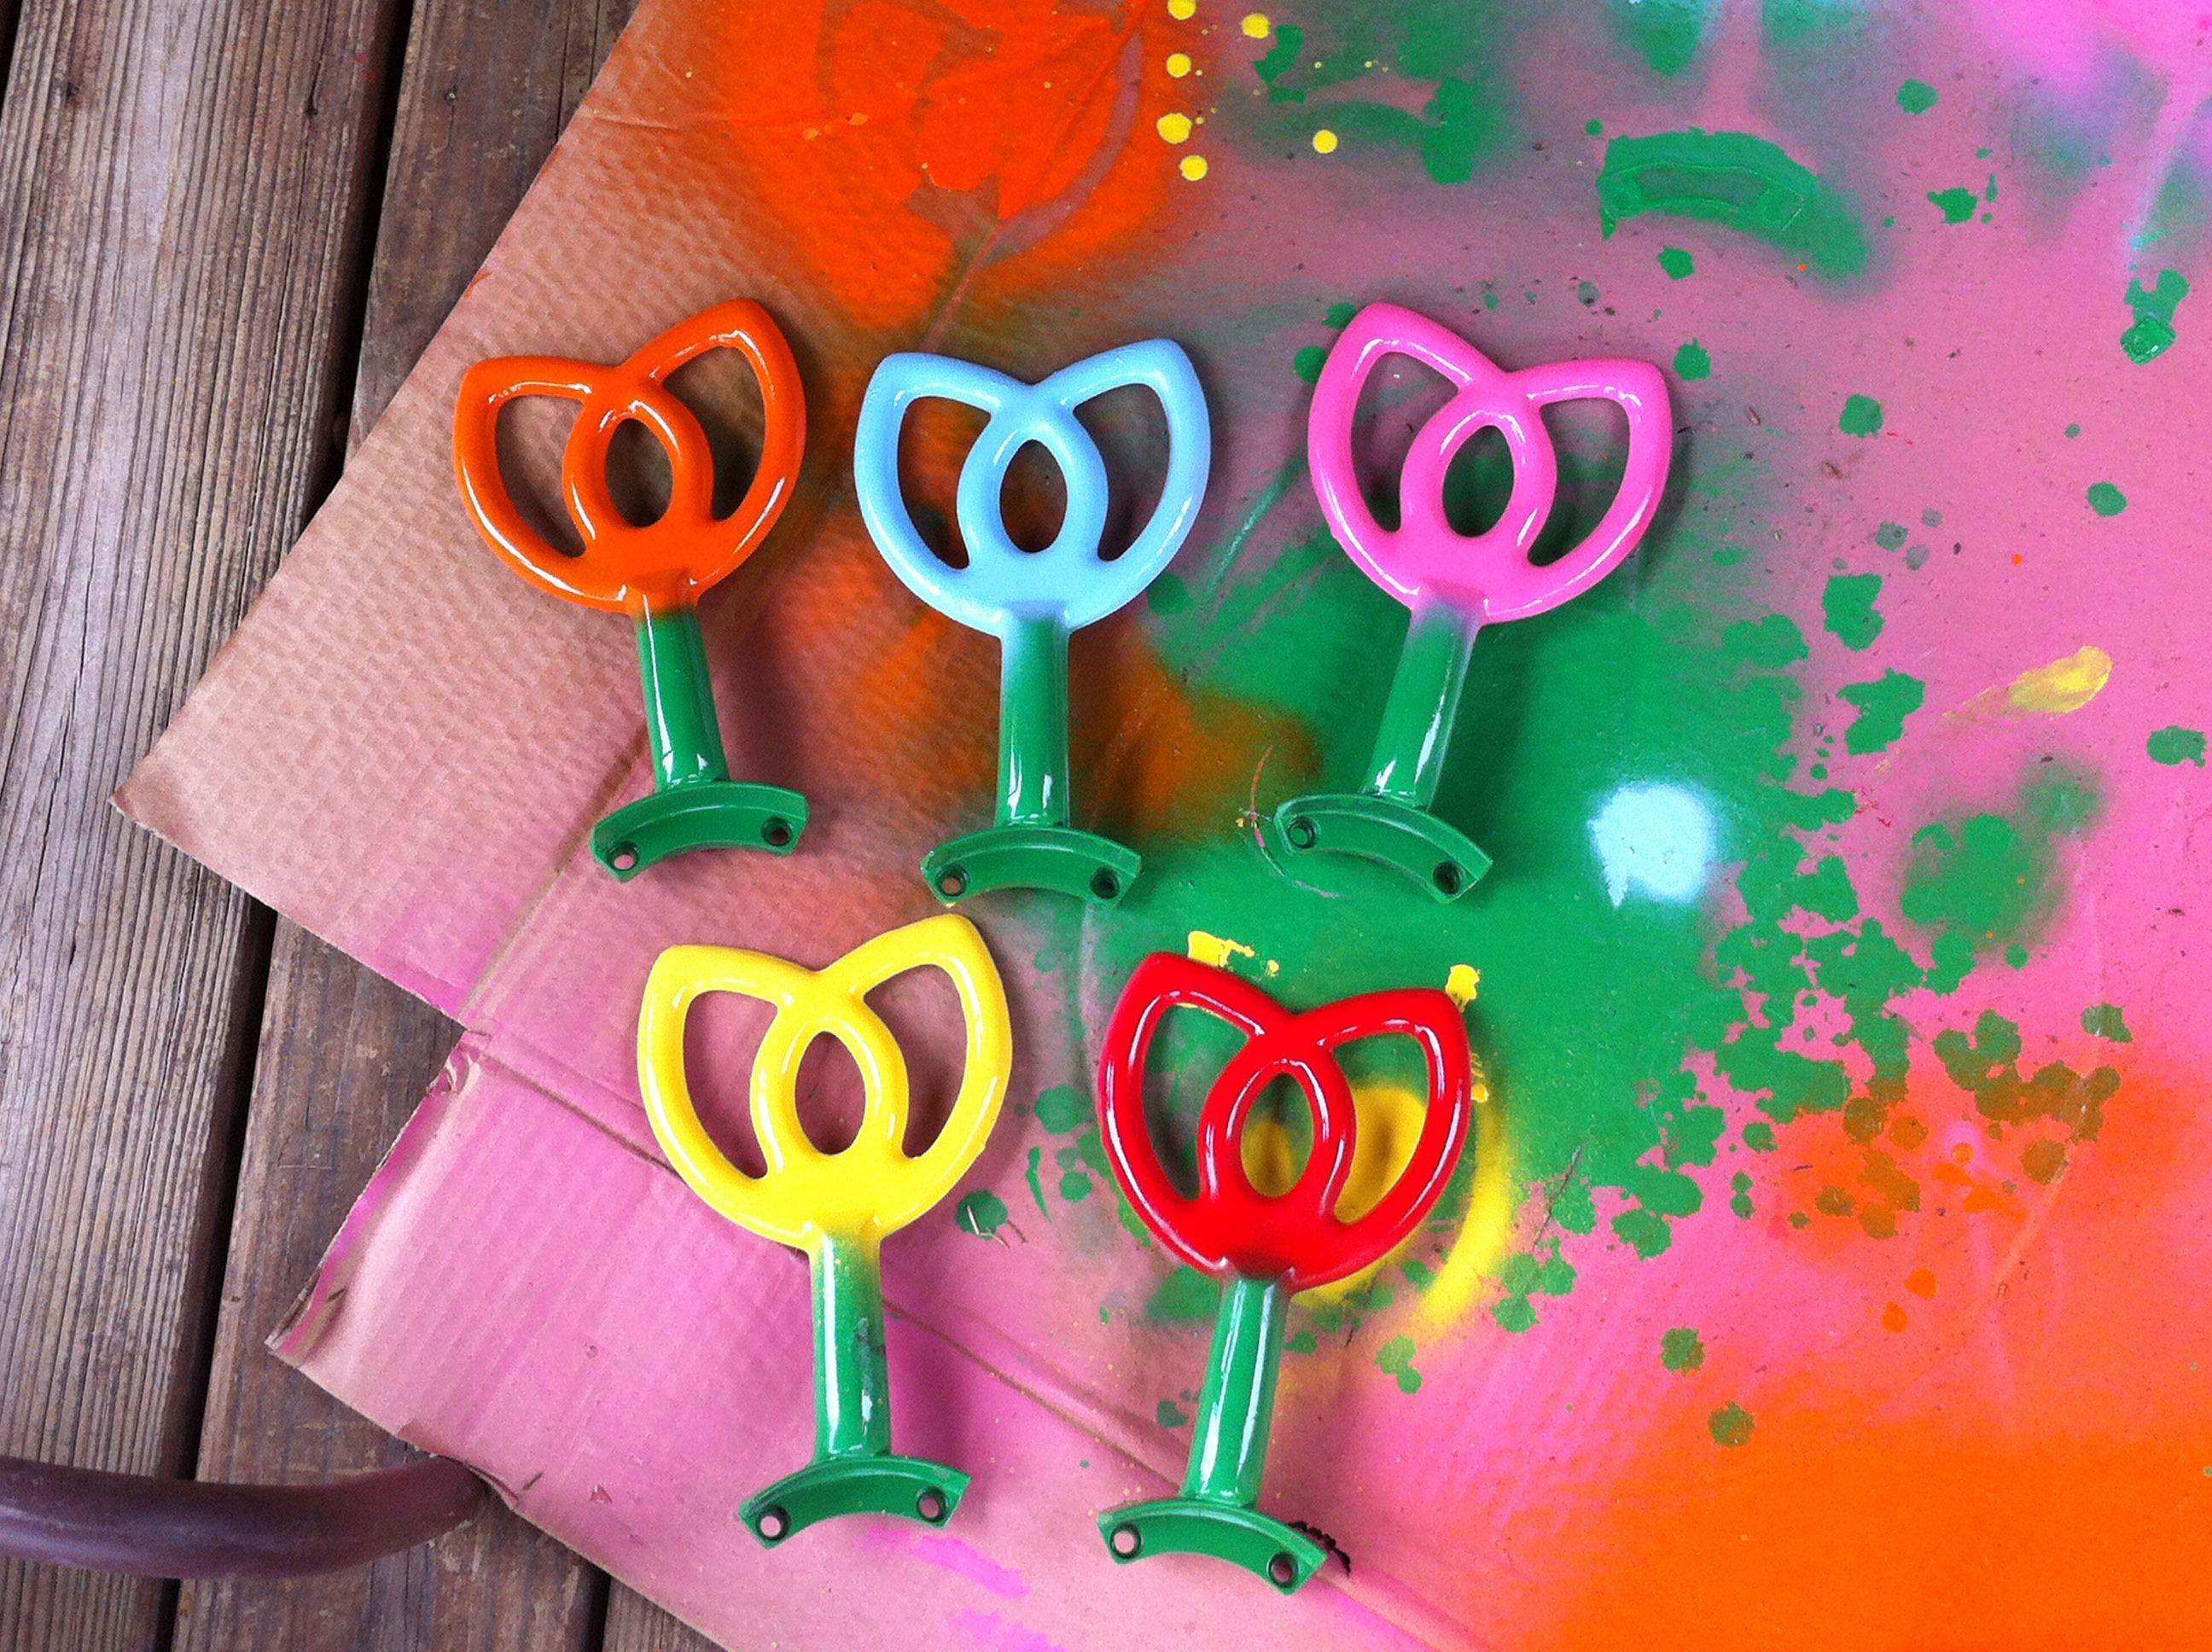 Ceiling Fan Blade Crafts On Pinterest Ceiling Fan Blades